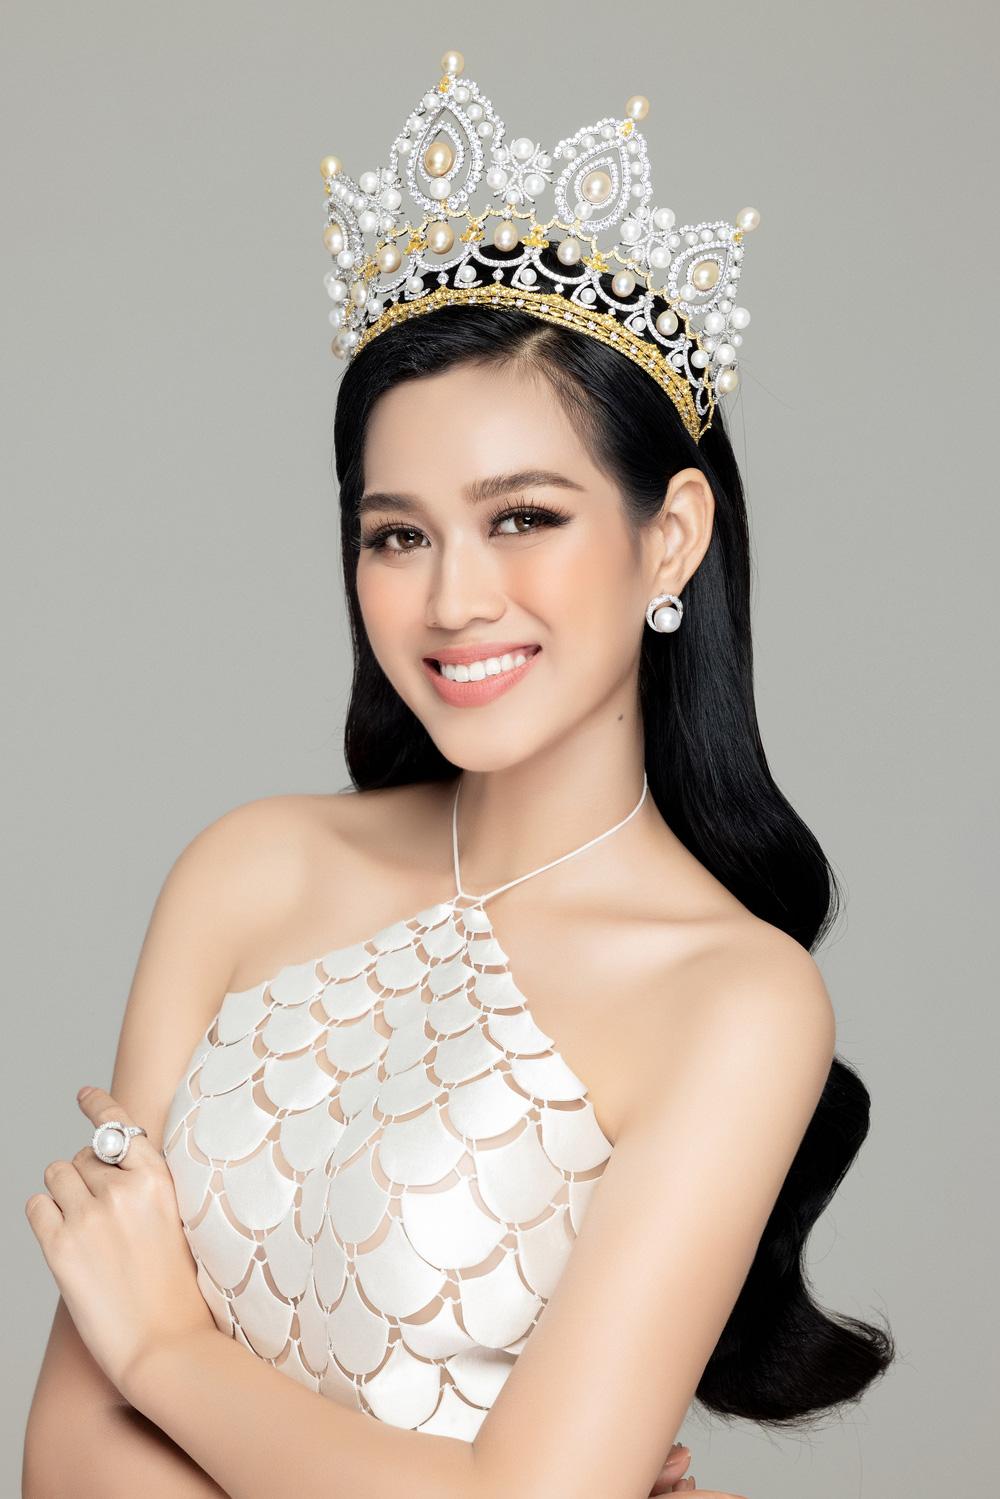 Hoa hậu Đỗ Thị Hà đọ sắc bên hai Á hậu sau 1 tháng đăng quang - Ảnh 4.